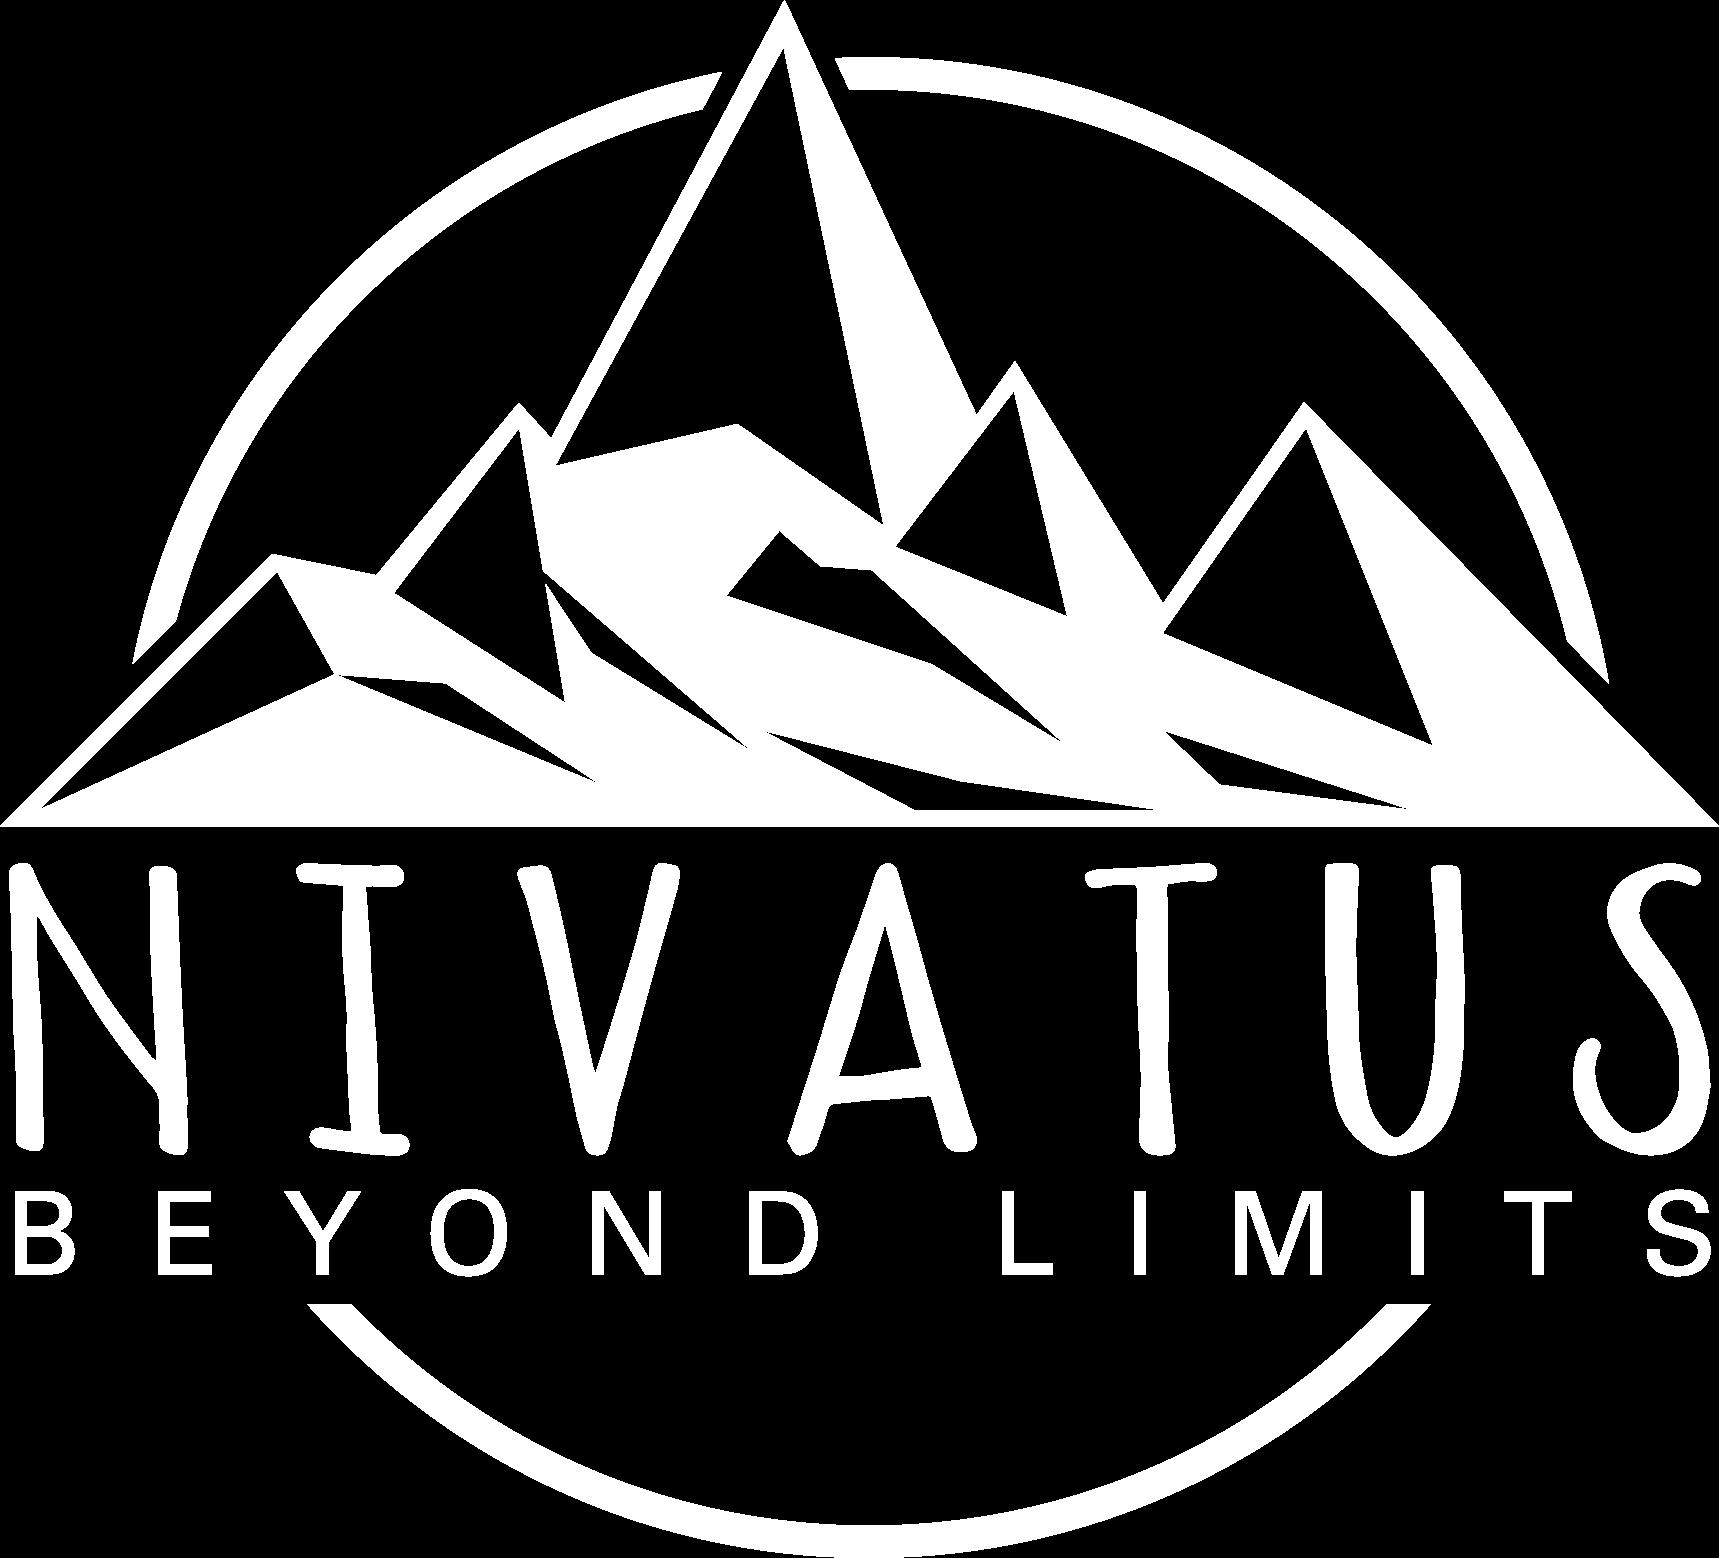 Nivatus